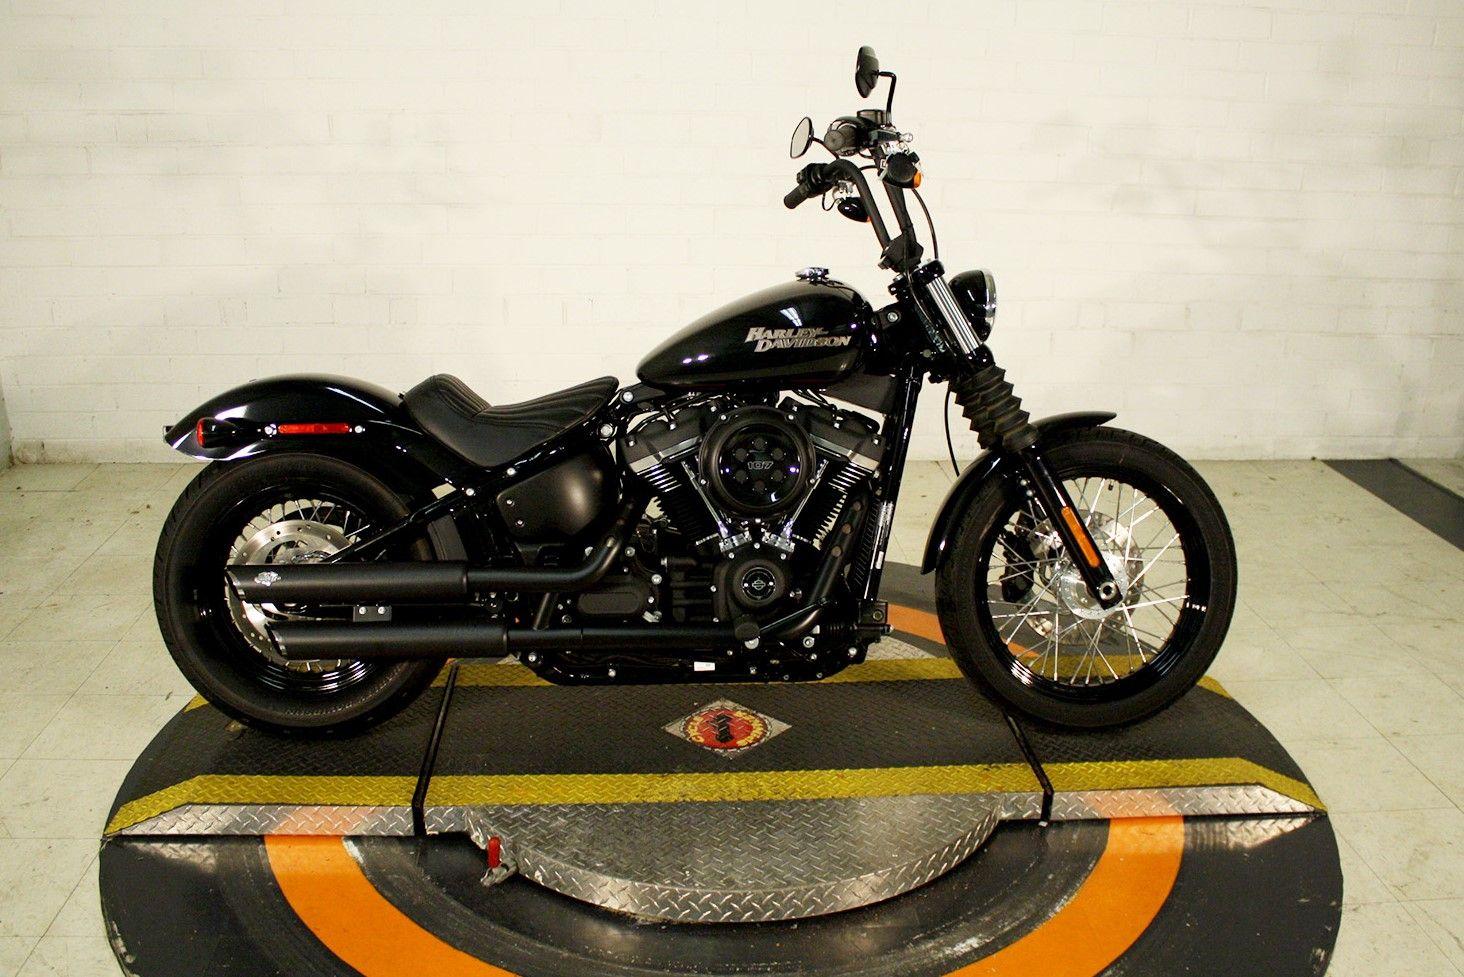 Pre Owned 2019 Harley Davidson Street Bob In Winston Salem Pn072756 Smokin Harley Davidson